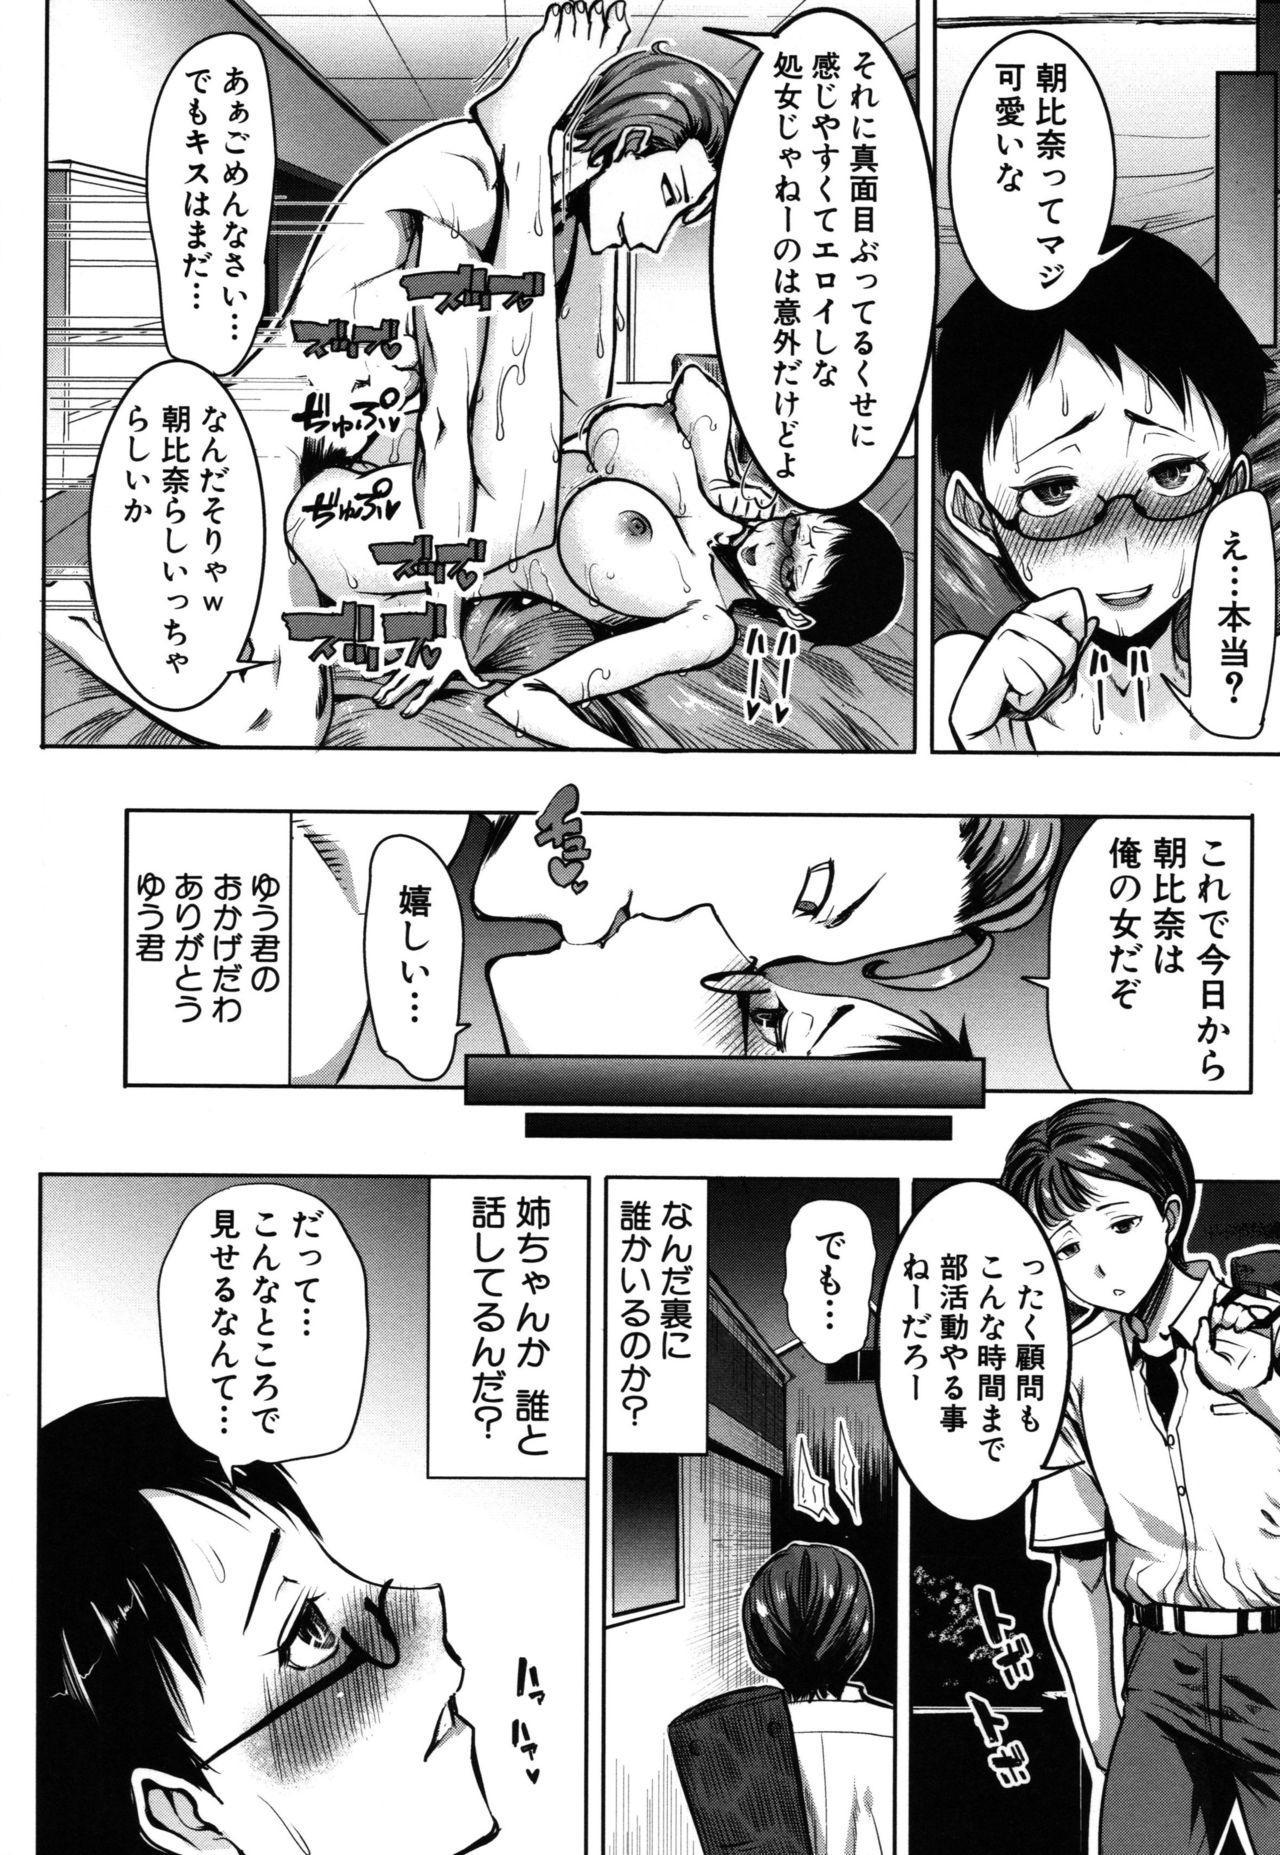 Unsweet - Asahina Ikka Netorareta Haha · Tomoko 143